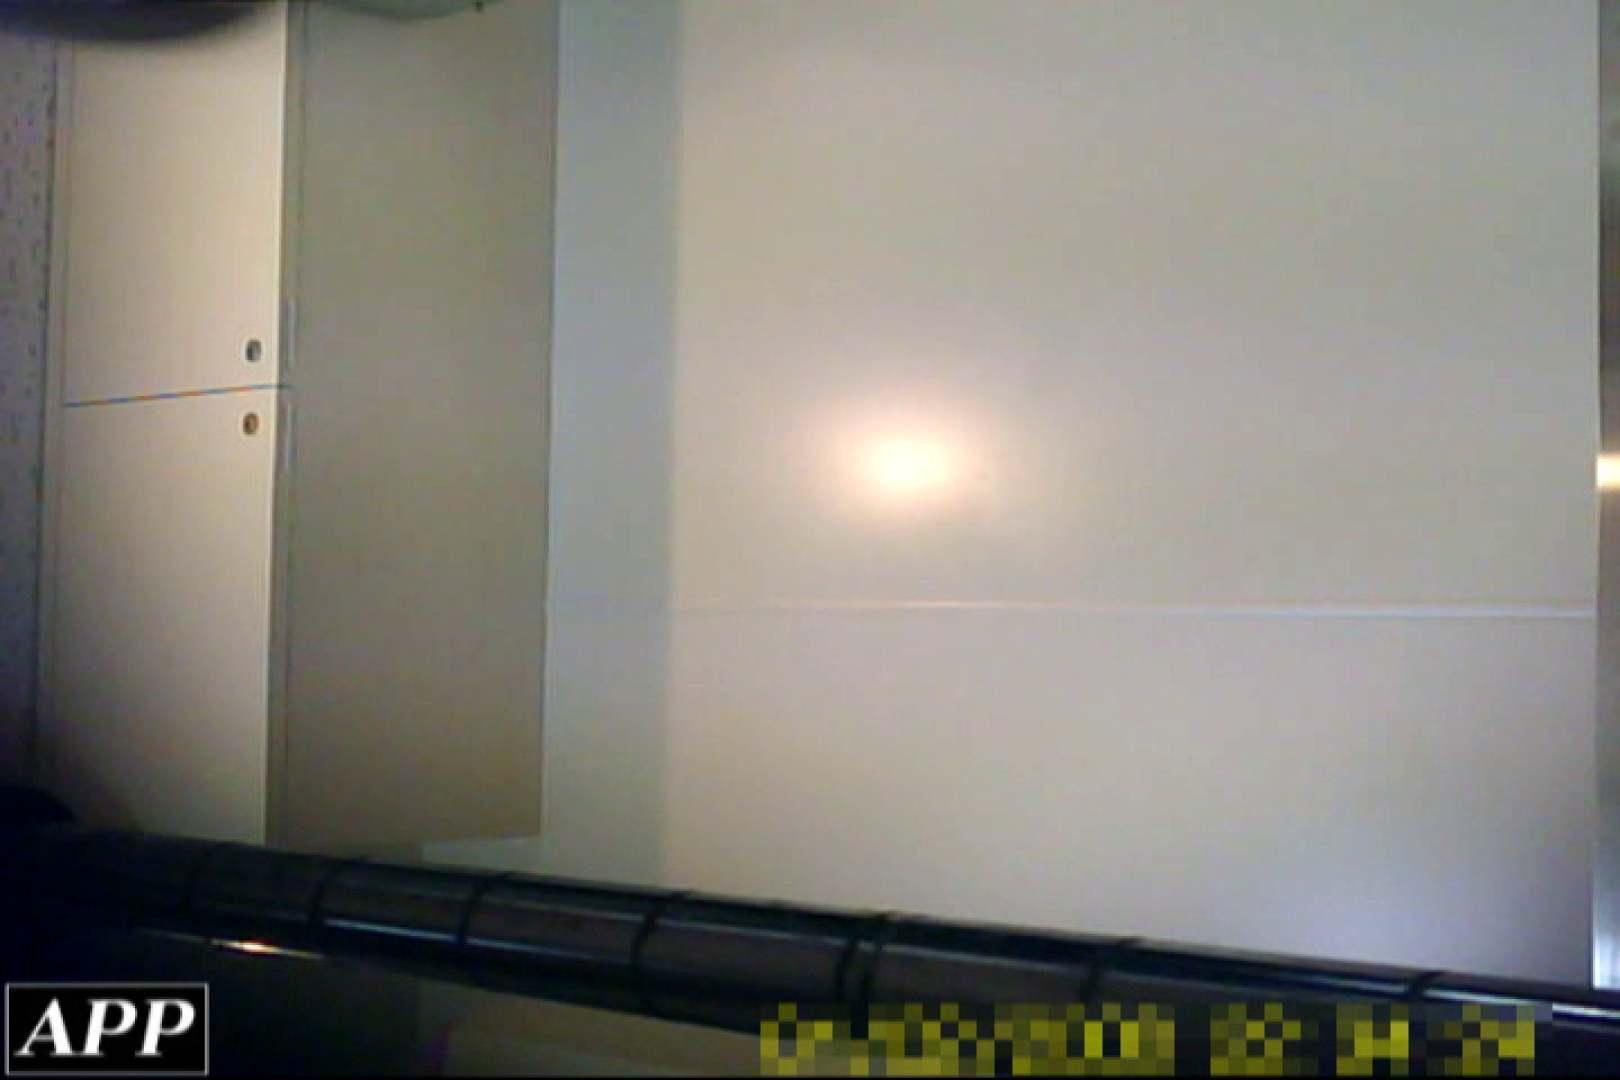 3視点洗面所 vol.111 盗撮シリーズ オメコ無修正動画無料 109PIX 32